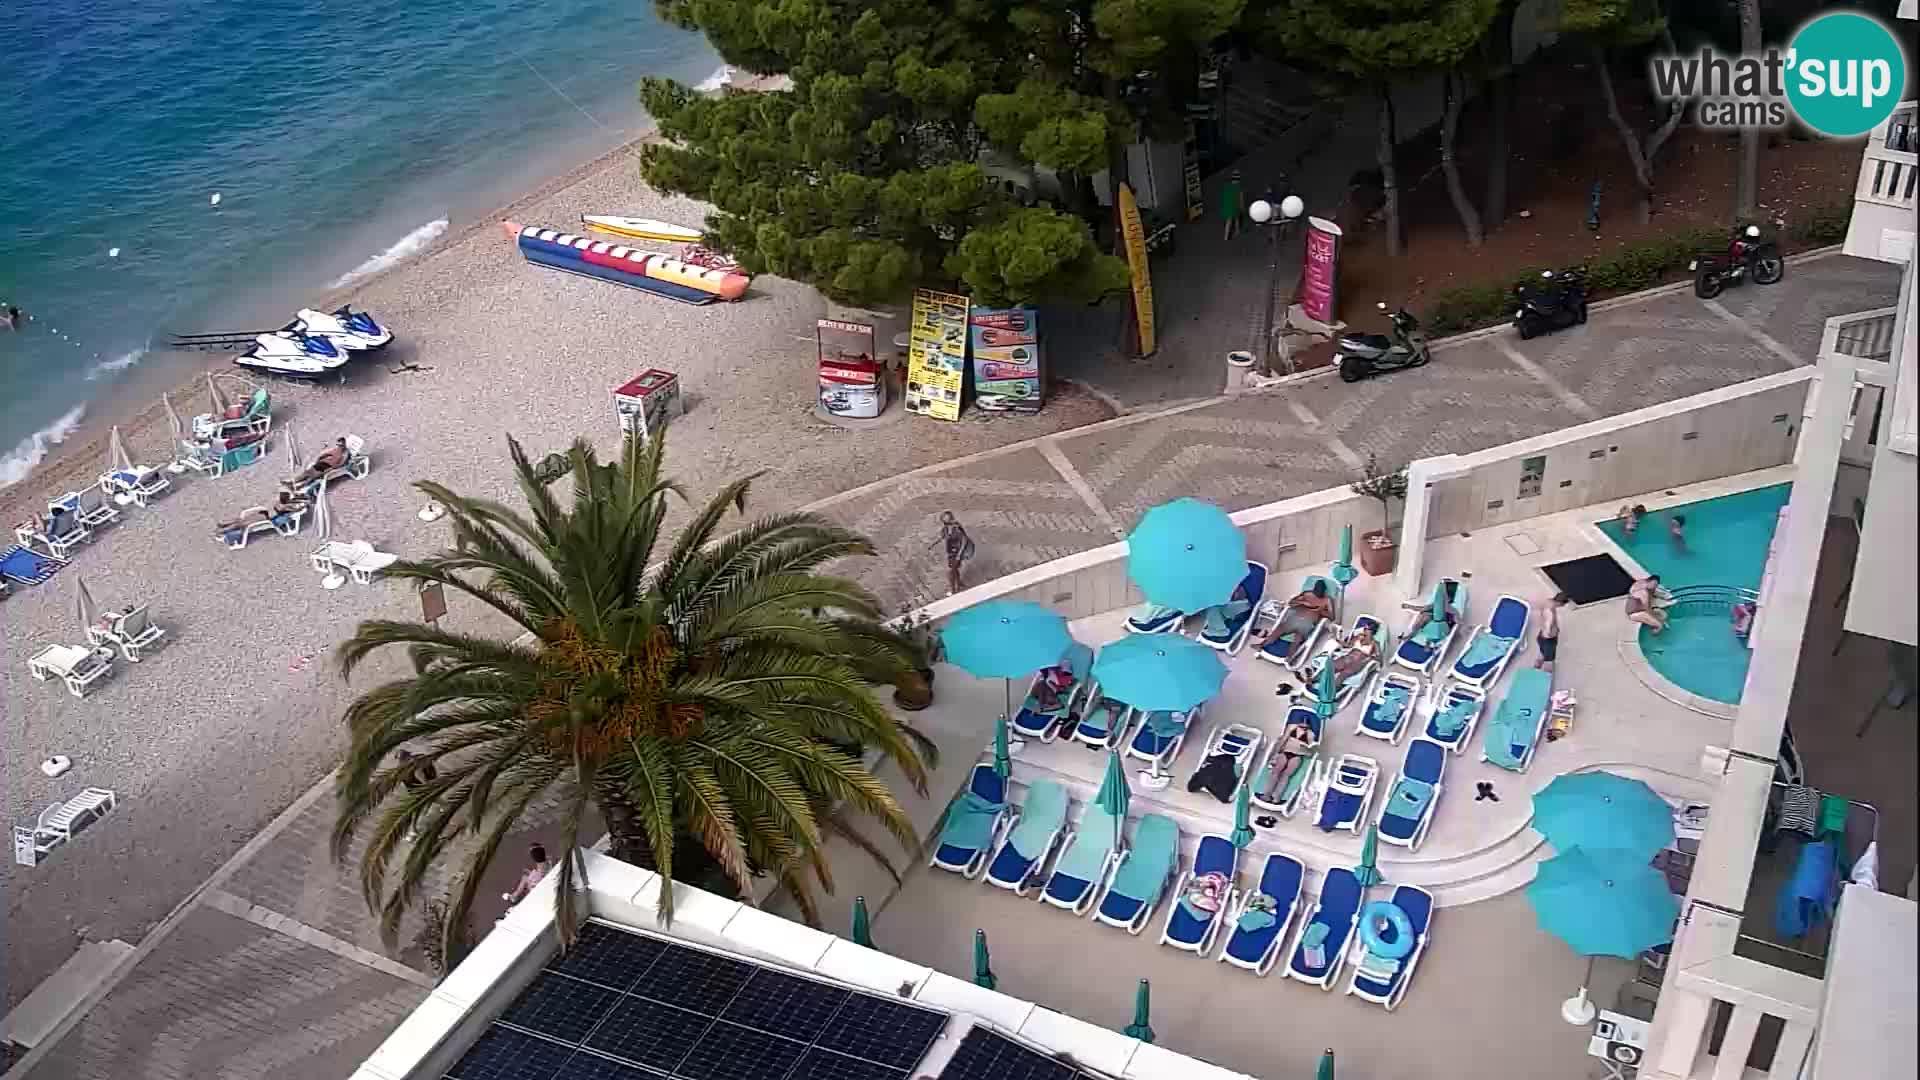 Tučepi Livecam Hotel Tamaris – Croatie webcam